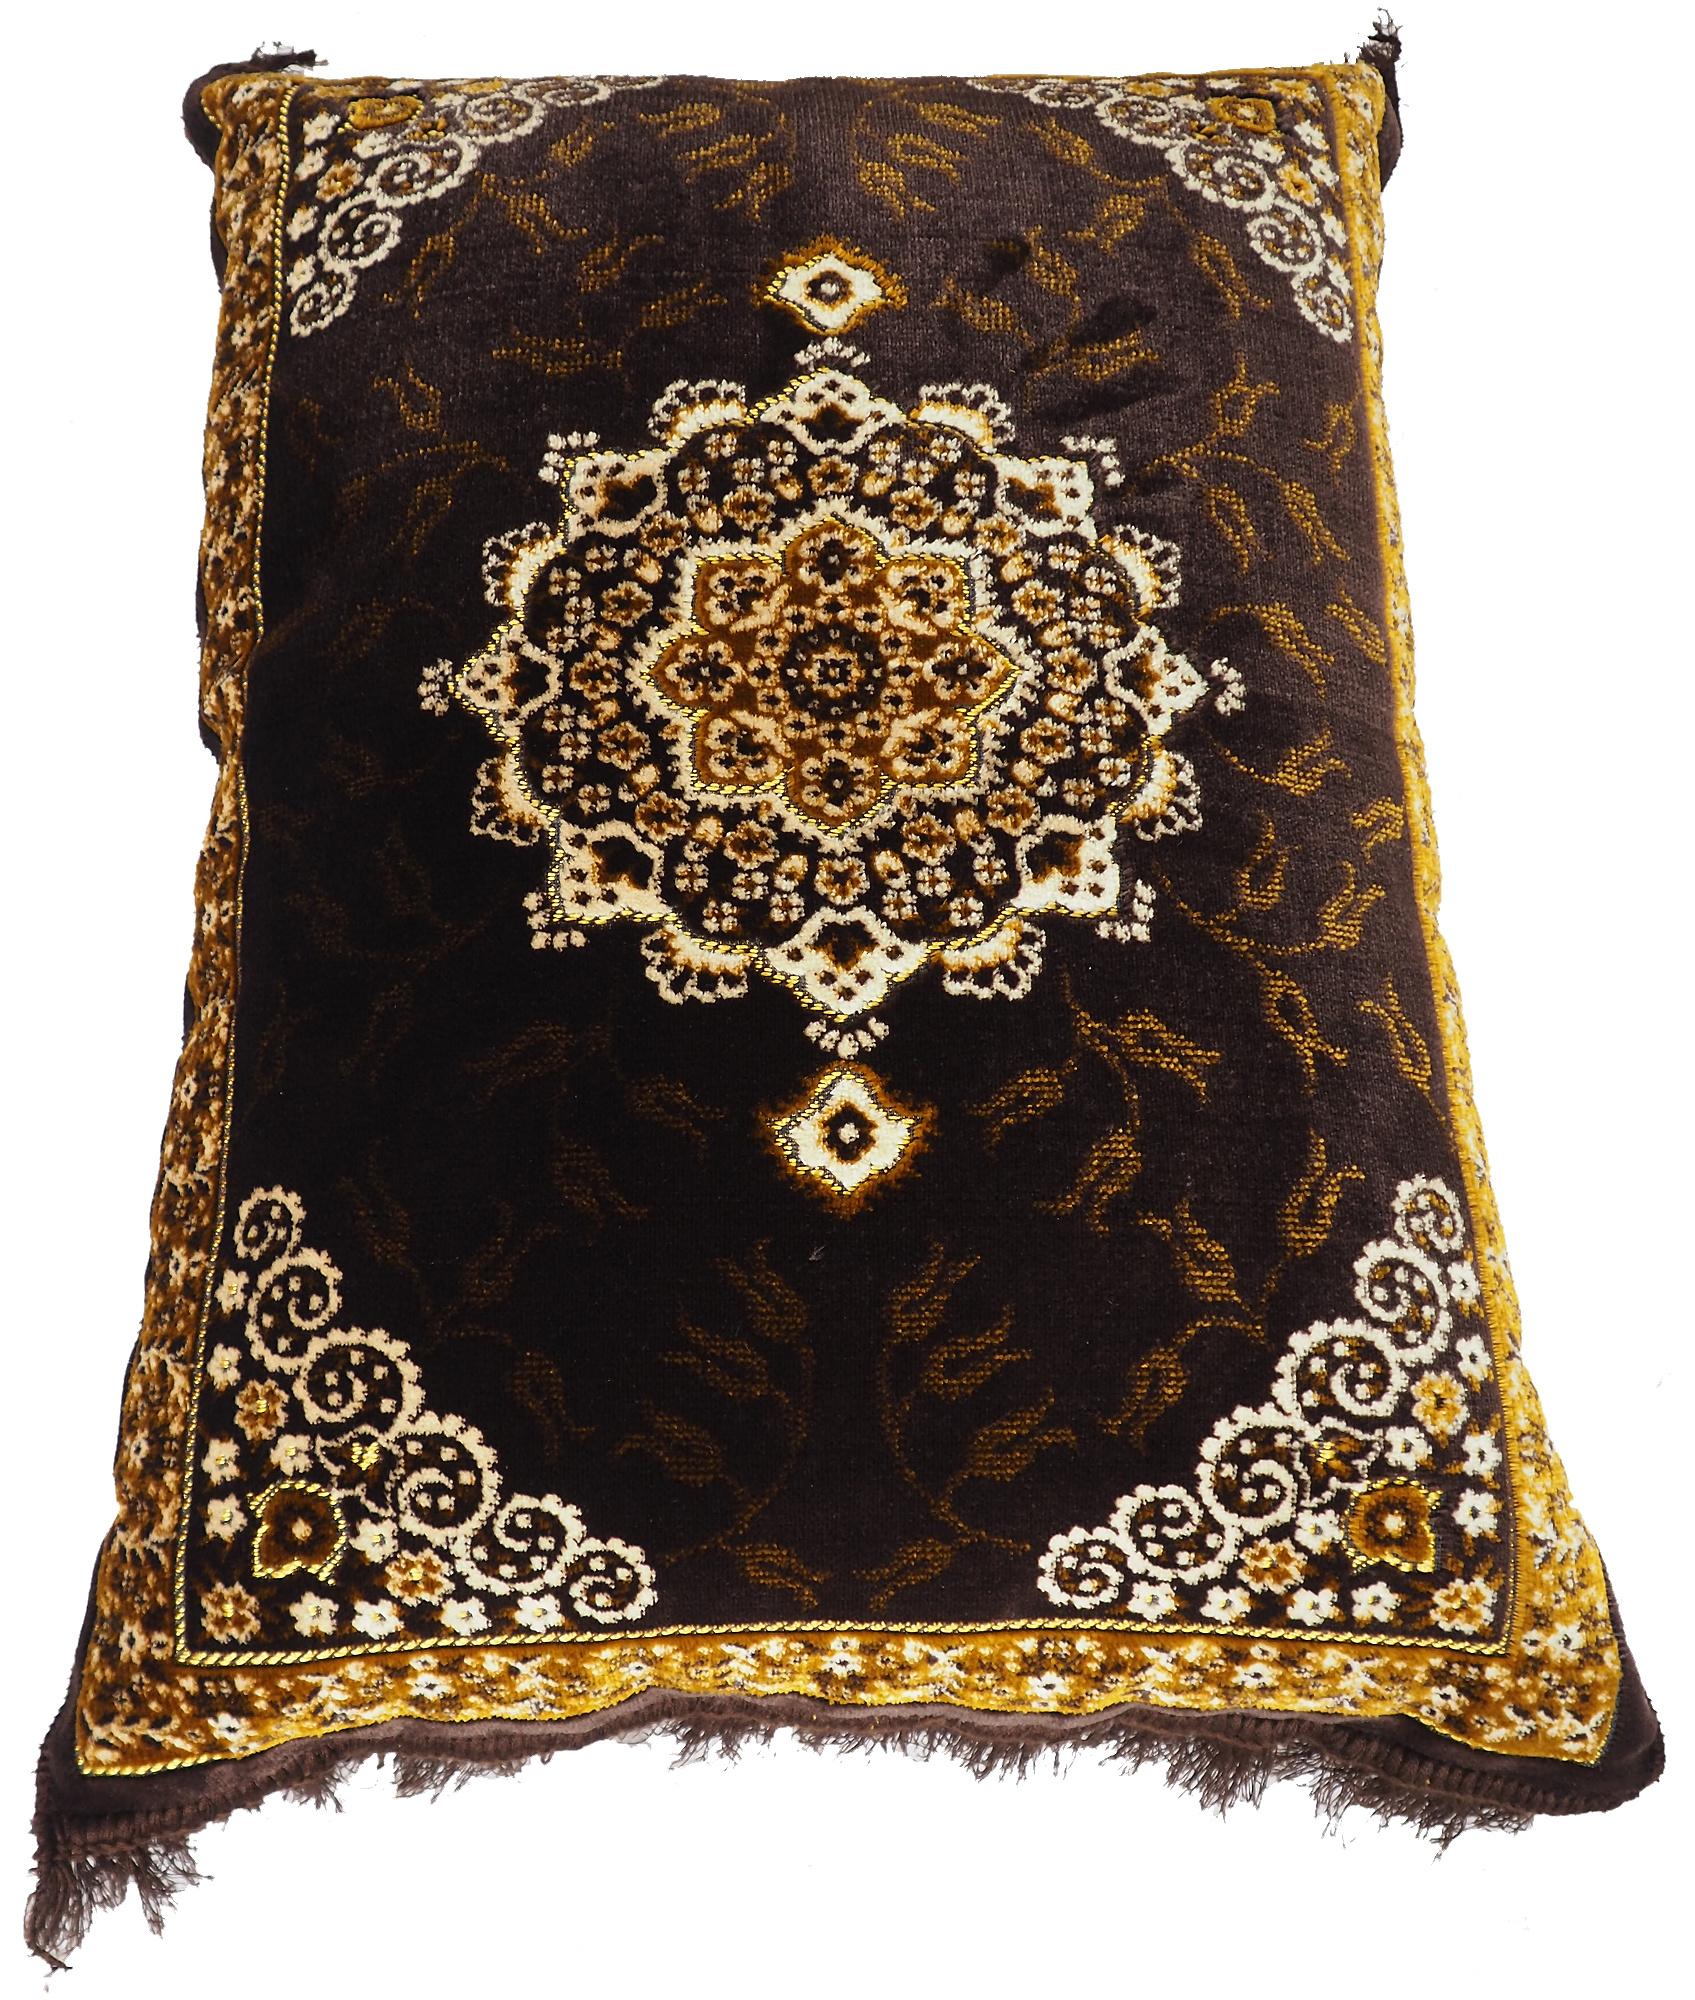 80x58 cm orient samtweiche Afghan Teppich nomaden sitzkissen bodenkissen Turkmen cushion 1001-nacht preis pro Stück (Braun-21)